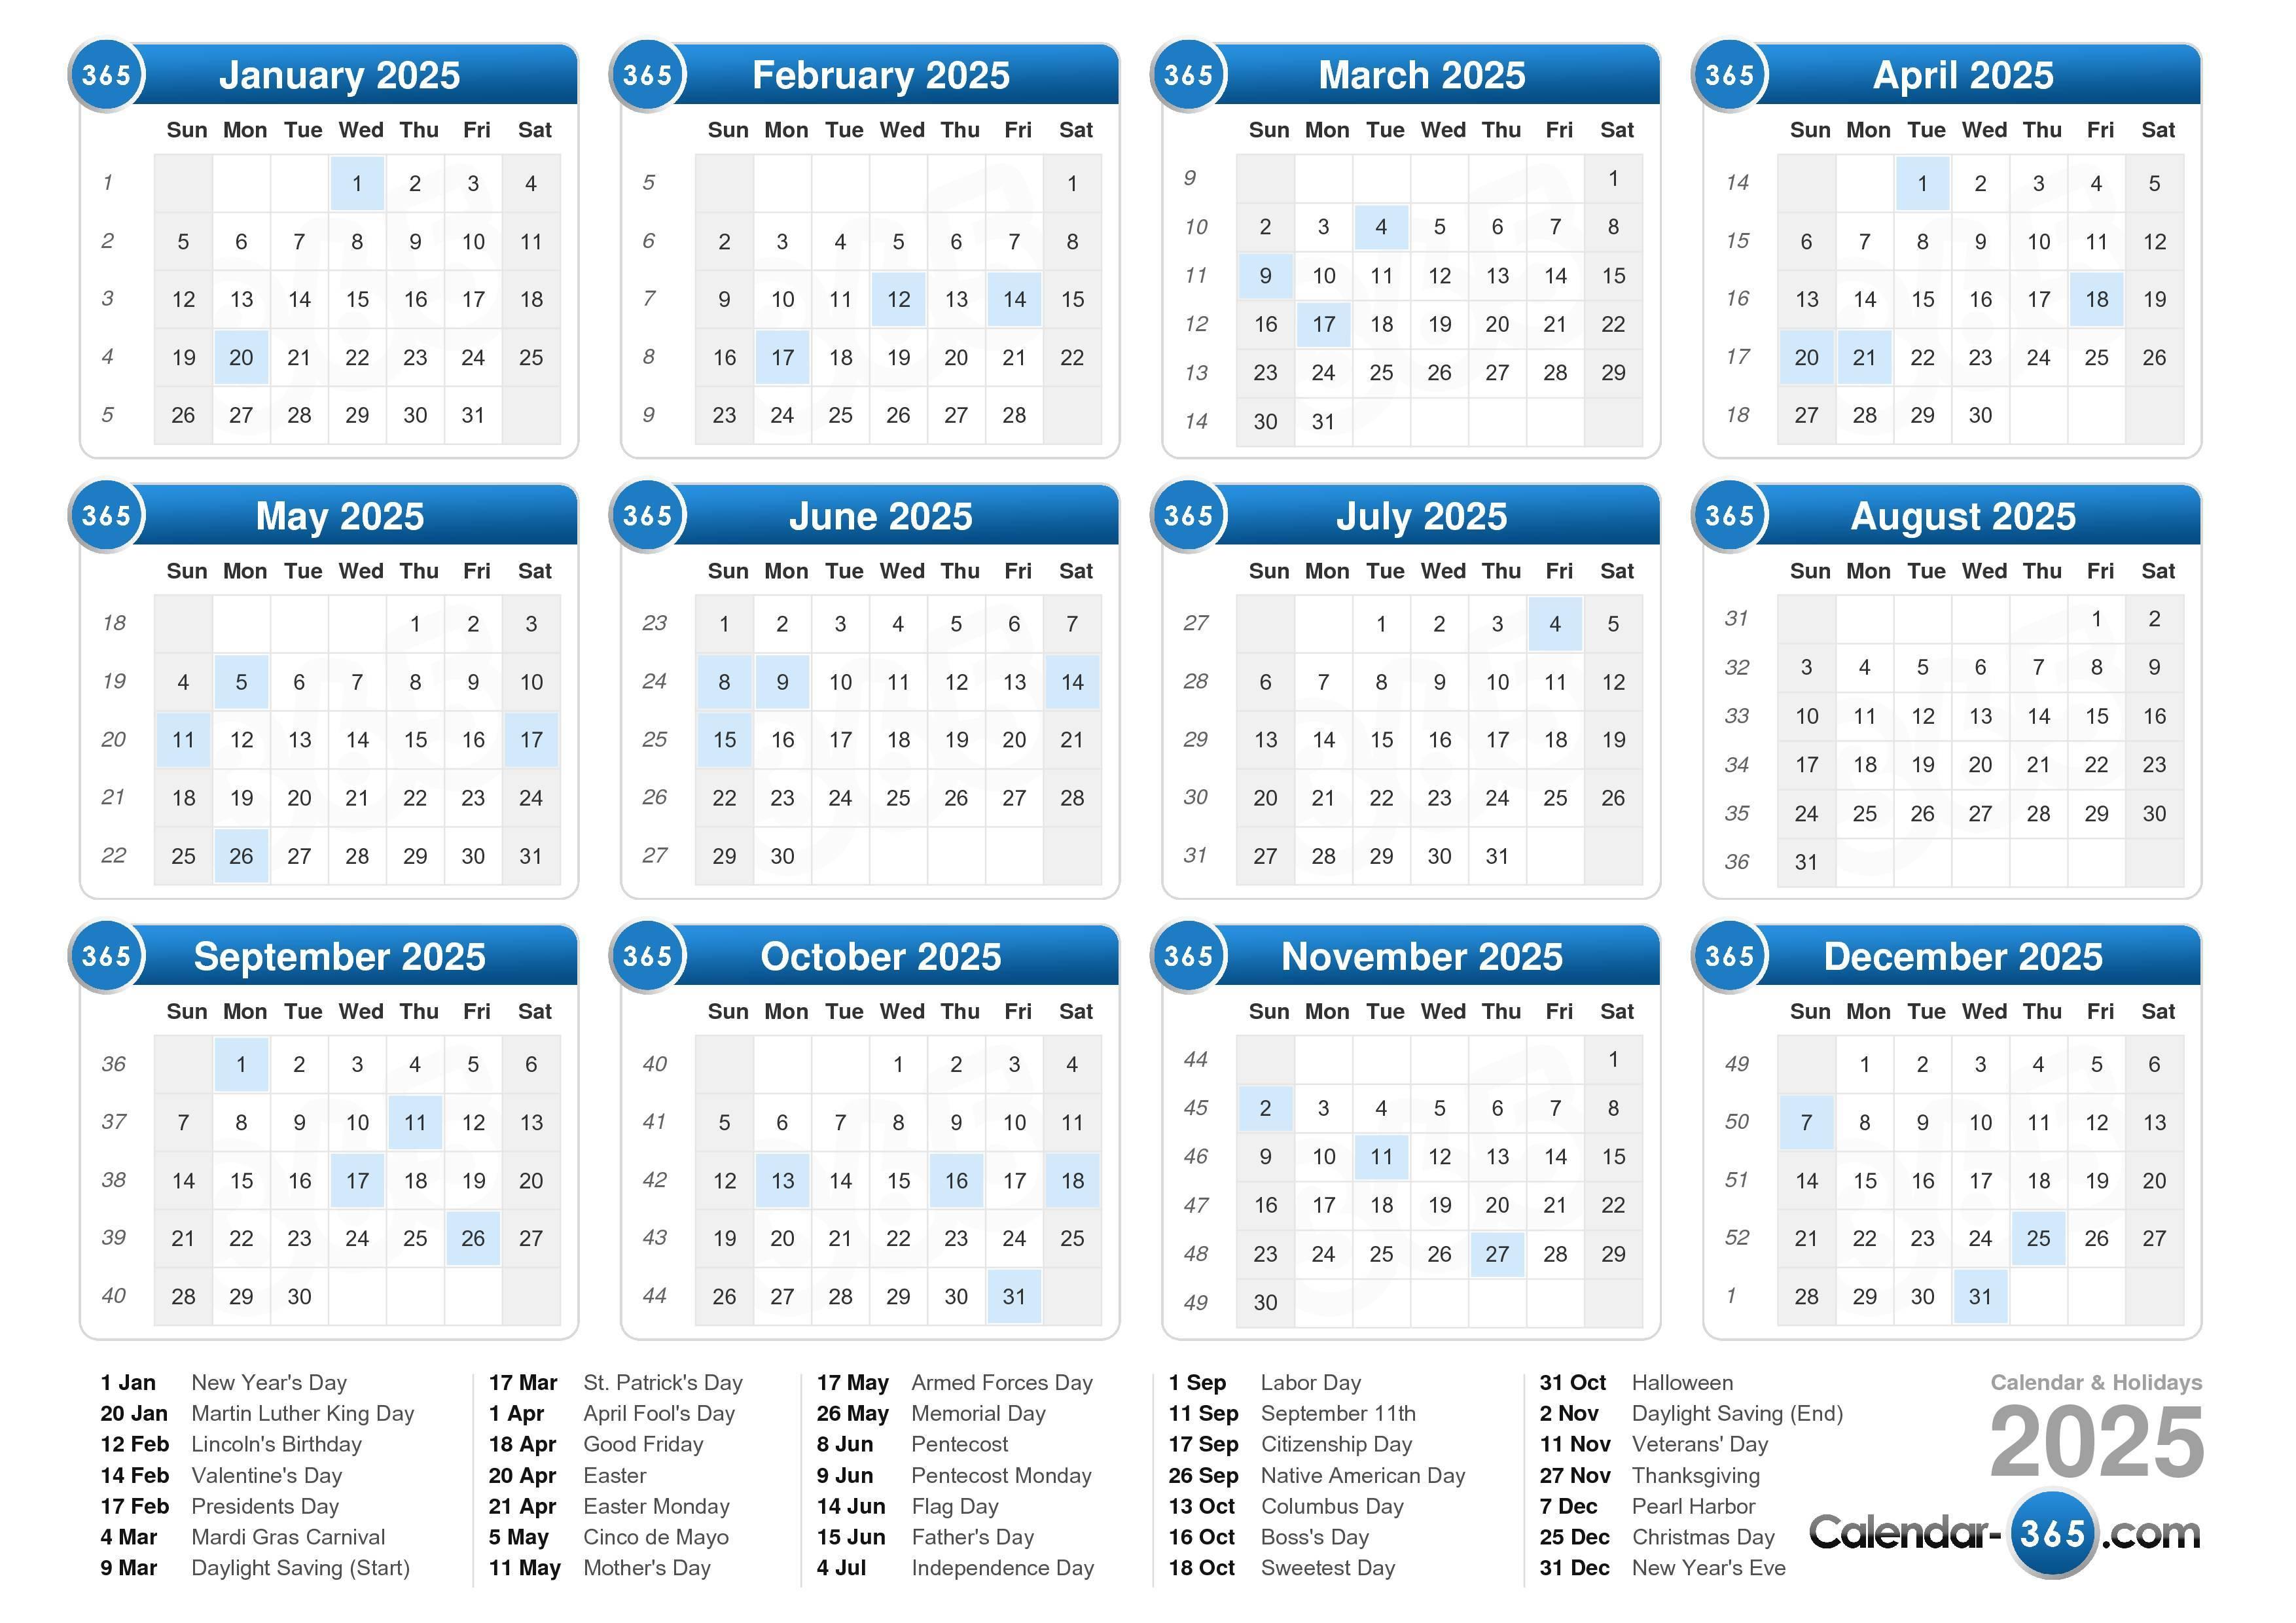 Calendar 2020 To 2025